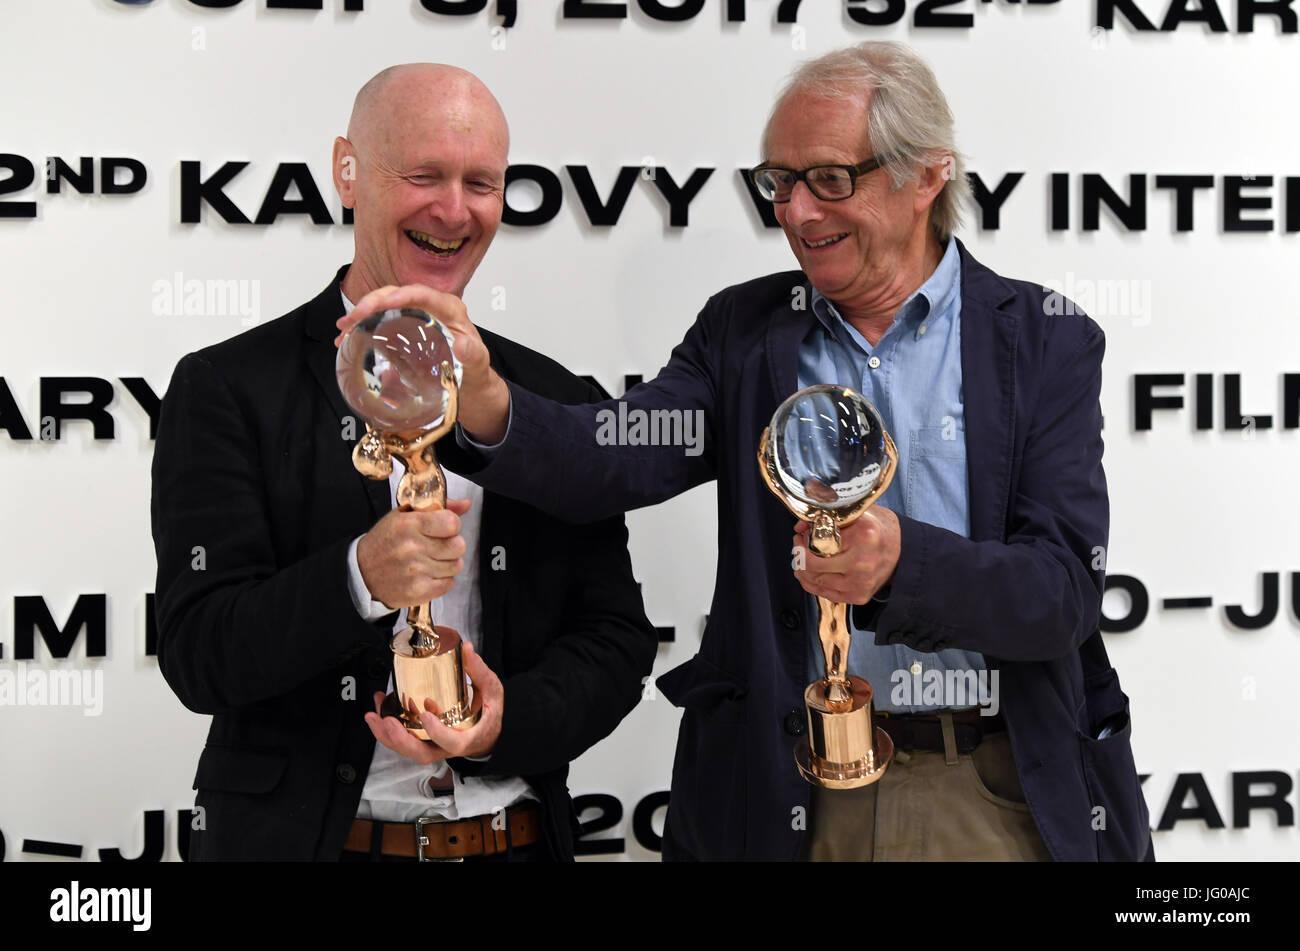 Karlovy Vary, Tschechien. 3. Juli 2017. Regisseur Ken Loach, erhalten Recht und seinem langjährigen Drehbuchautor Stockbild